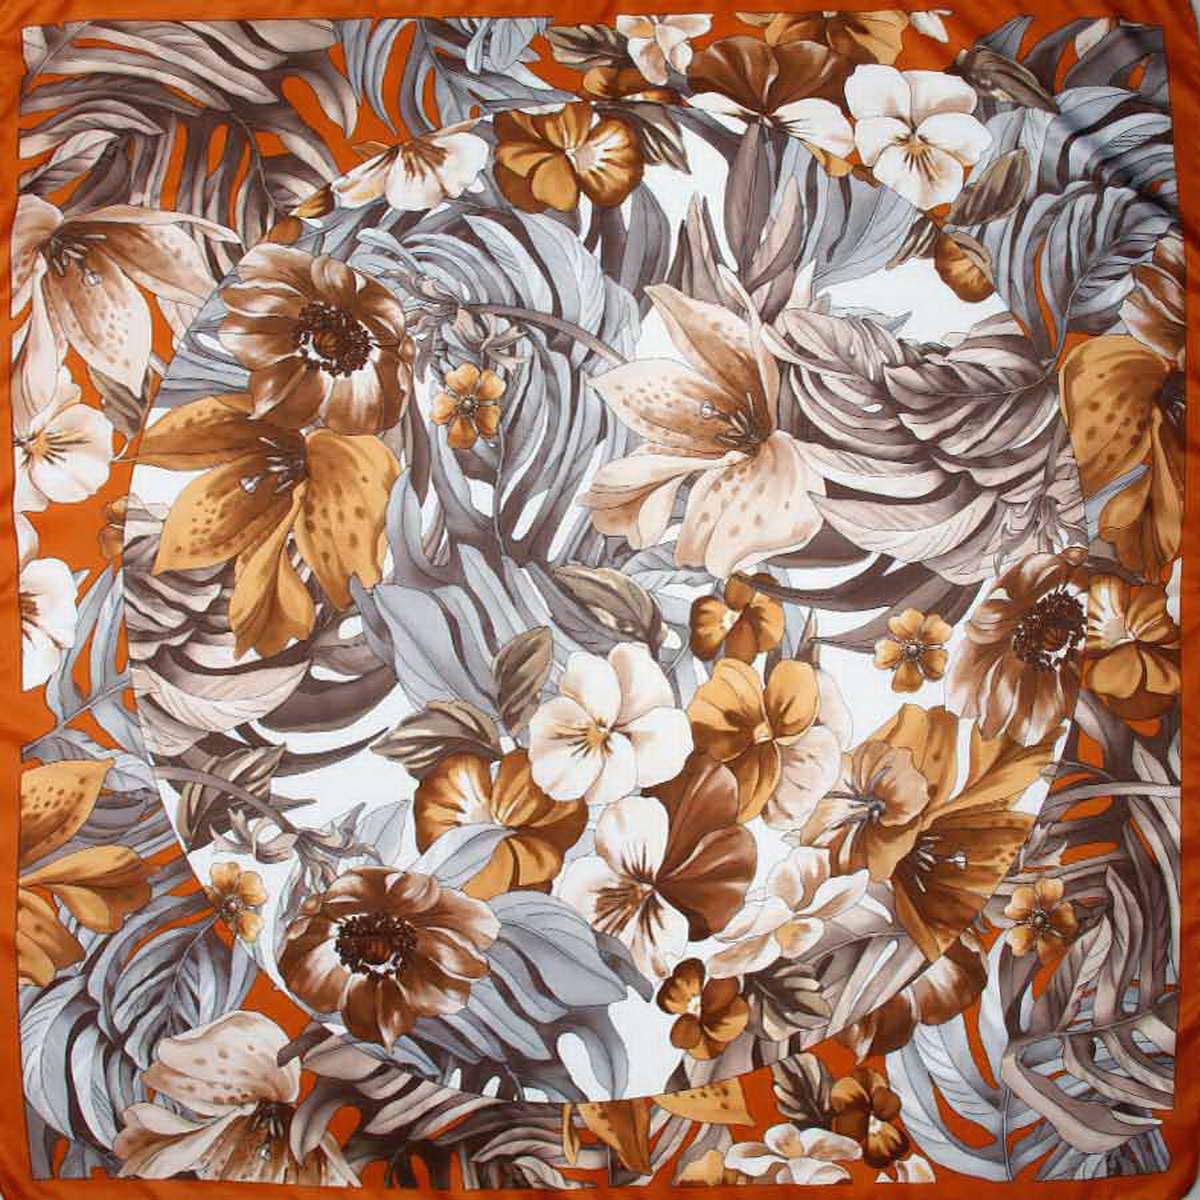 Платок женский Venera, цвет: коричневый, серый, белый. 3904972-30. Размер 90 см х 90 см3904972-30Стильный женский платок Venera станет великолепным завершением любого наряда. Платок, изготовленный из полиэстера, оформлен цветочный принтом. Классическая квадратная форма позволяет носить платок на шее, украшать им прическу или декорировать сумочку. Легкий и приятный на ощупь платок поможет вам создать изысканный женственный образ. Такой платок превосходно дополнит любой наряд и подчеркнет ваш неповторимый вкус и элегантность.